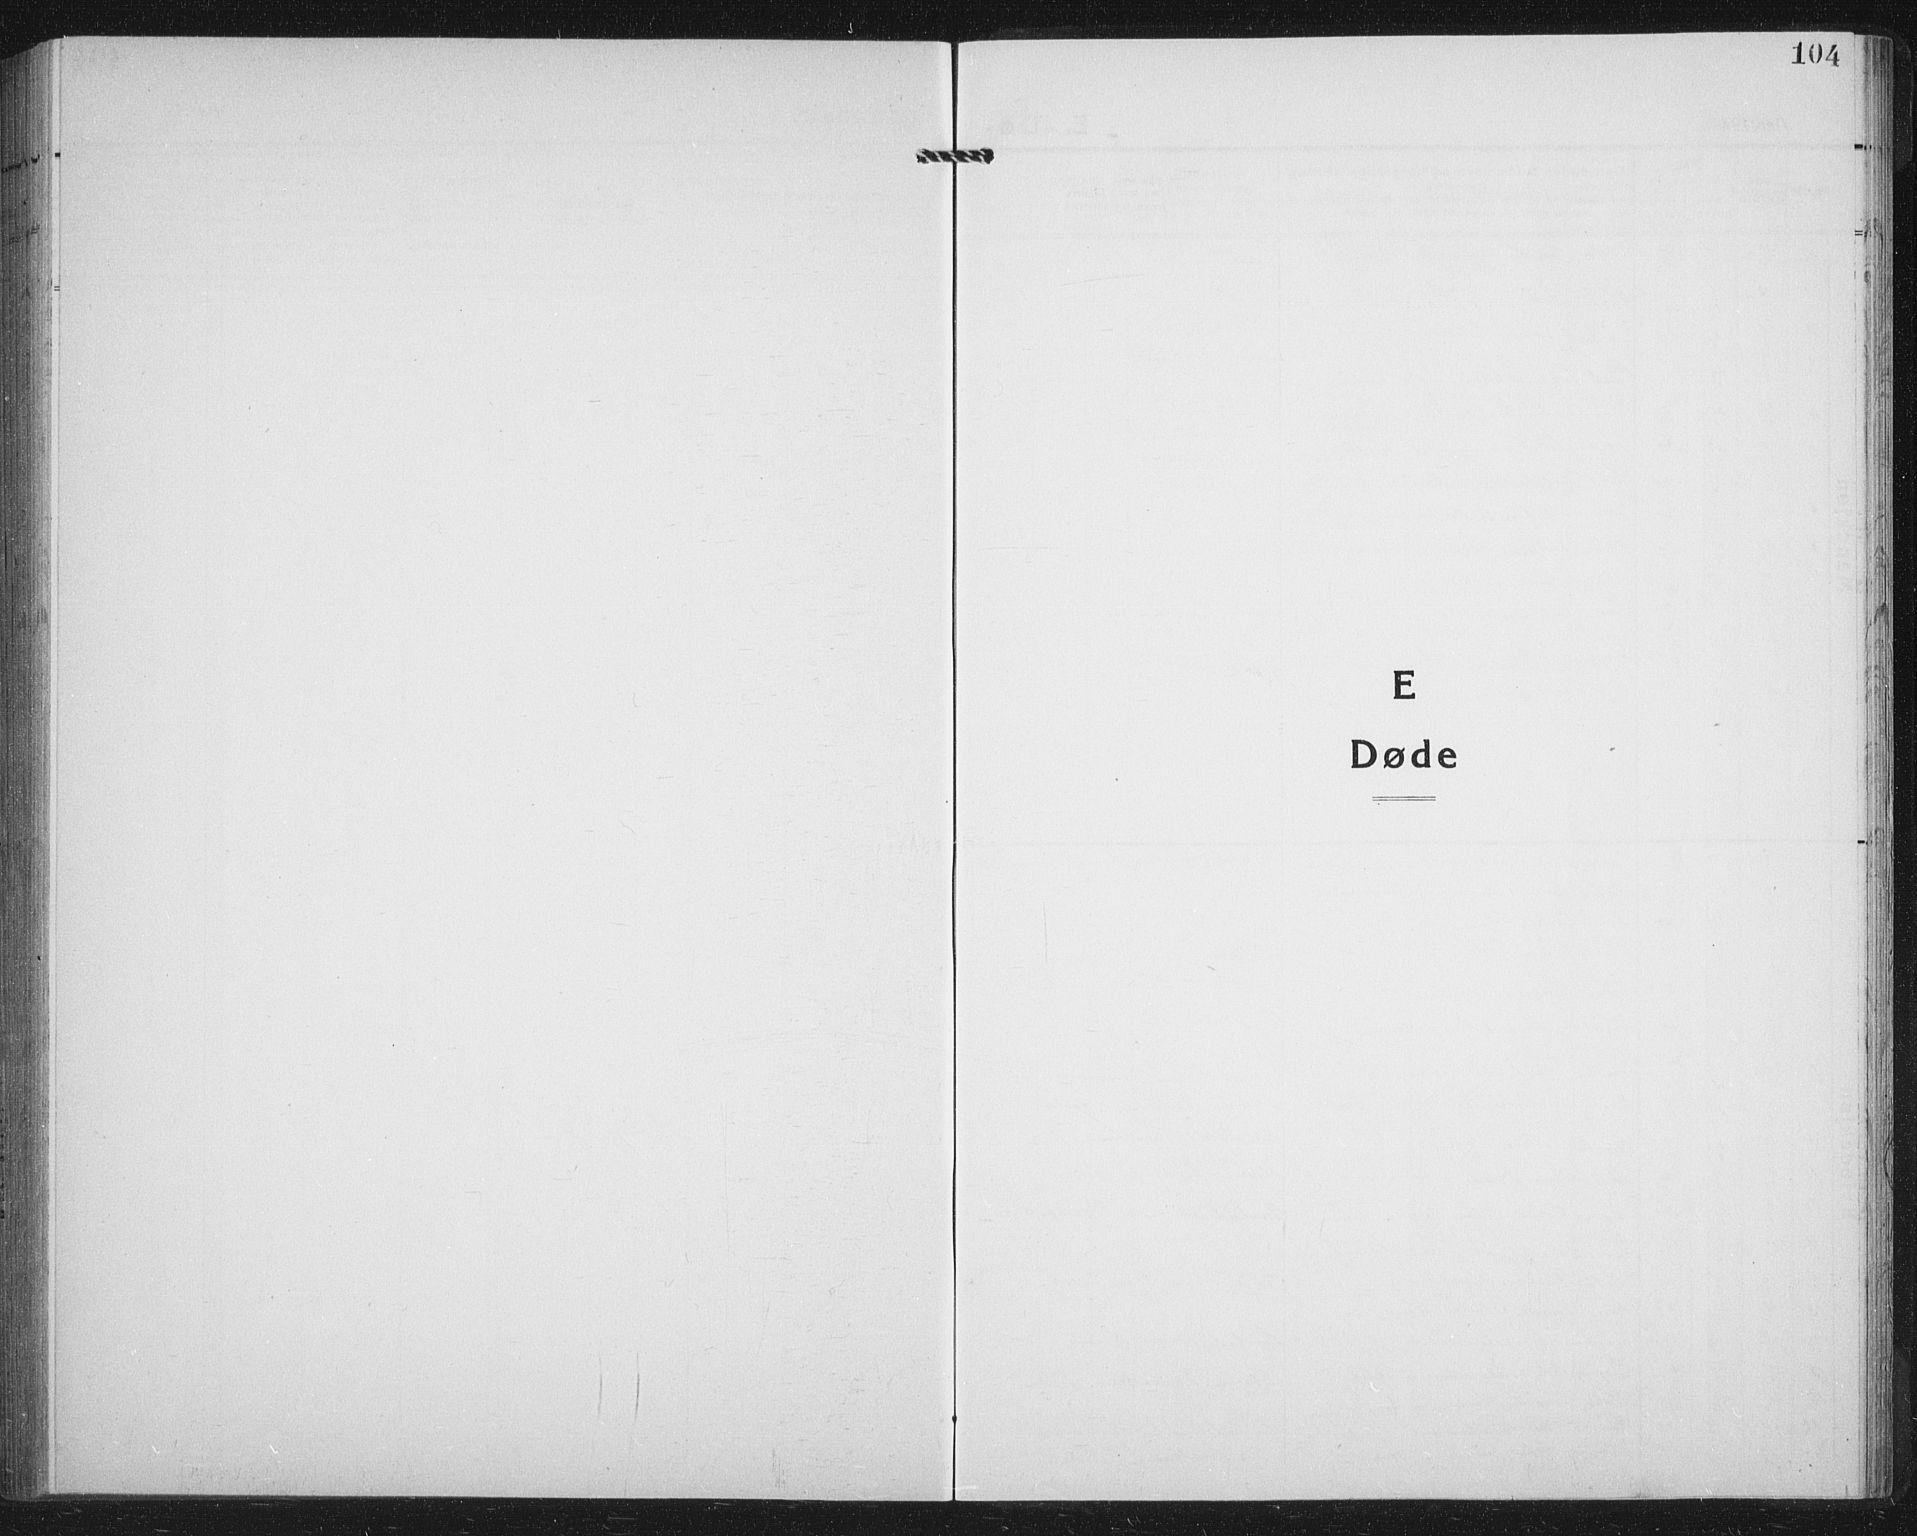 SATØ, Lenvik sokneprestembete, H/Ha/Hab/L0023klokker: Klokkerbok nr. 23, 1918-1936, s. 104